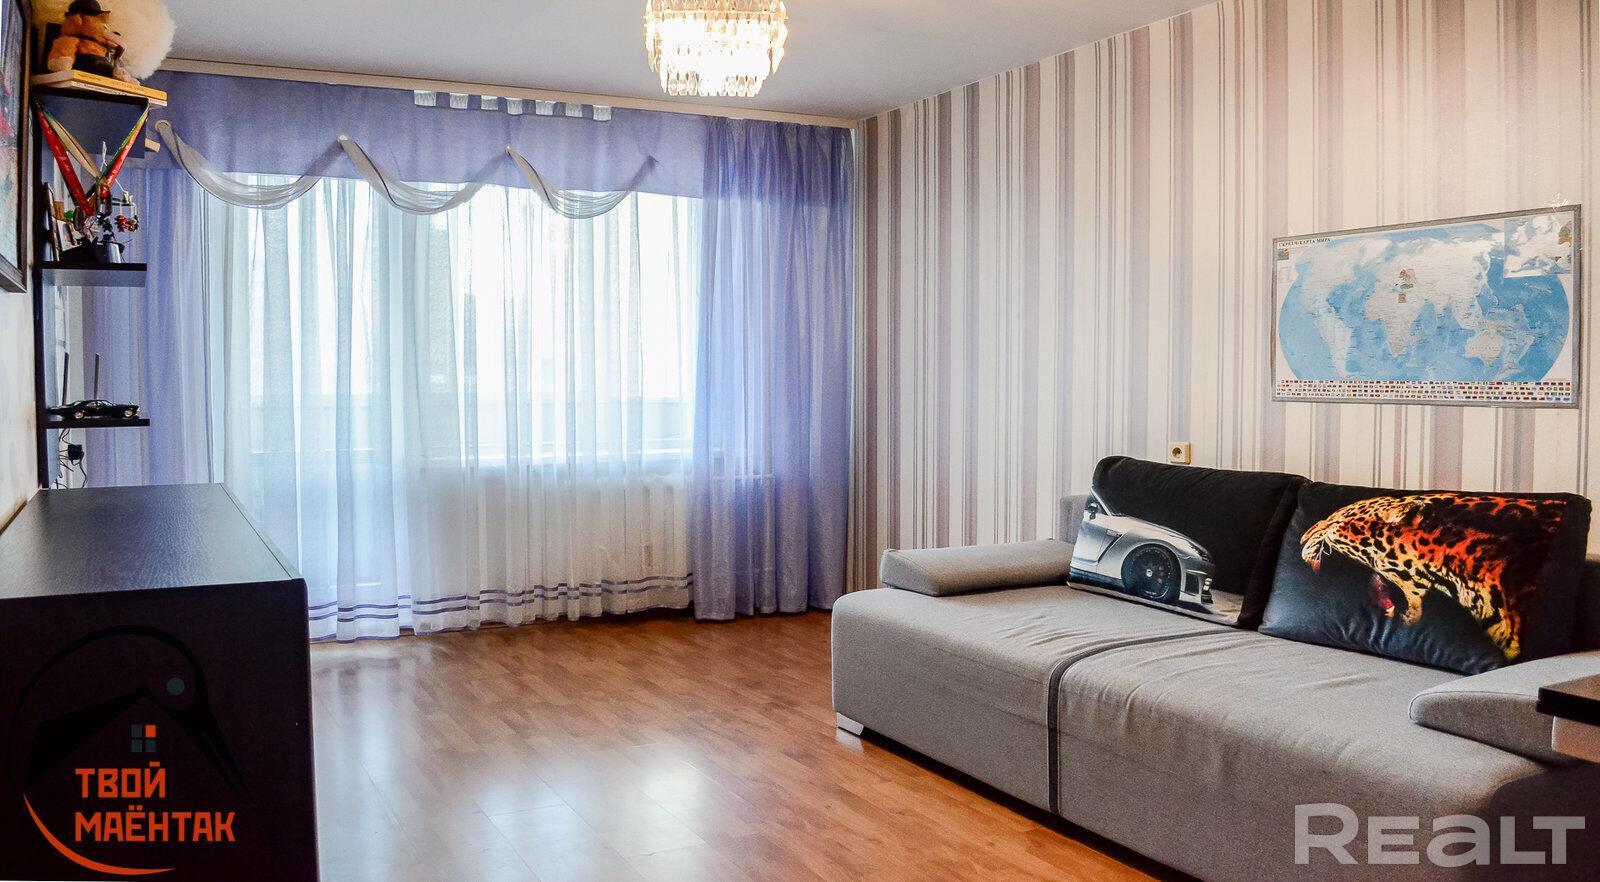 Продается 1 комнатная квартира, ул. Лучины д.46 - фото №3